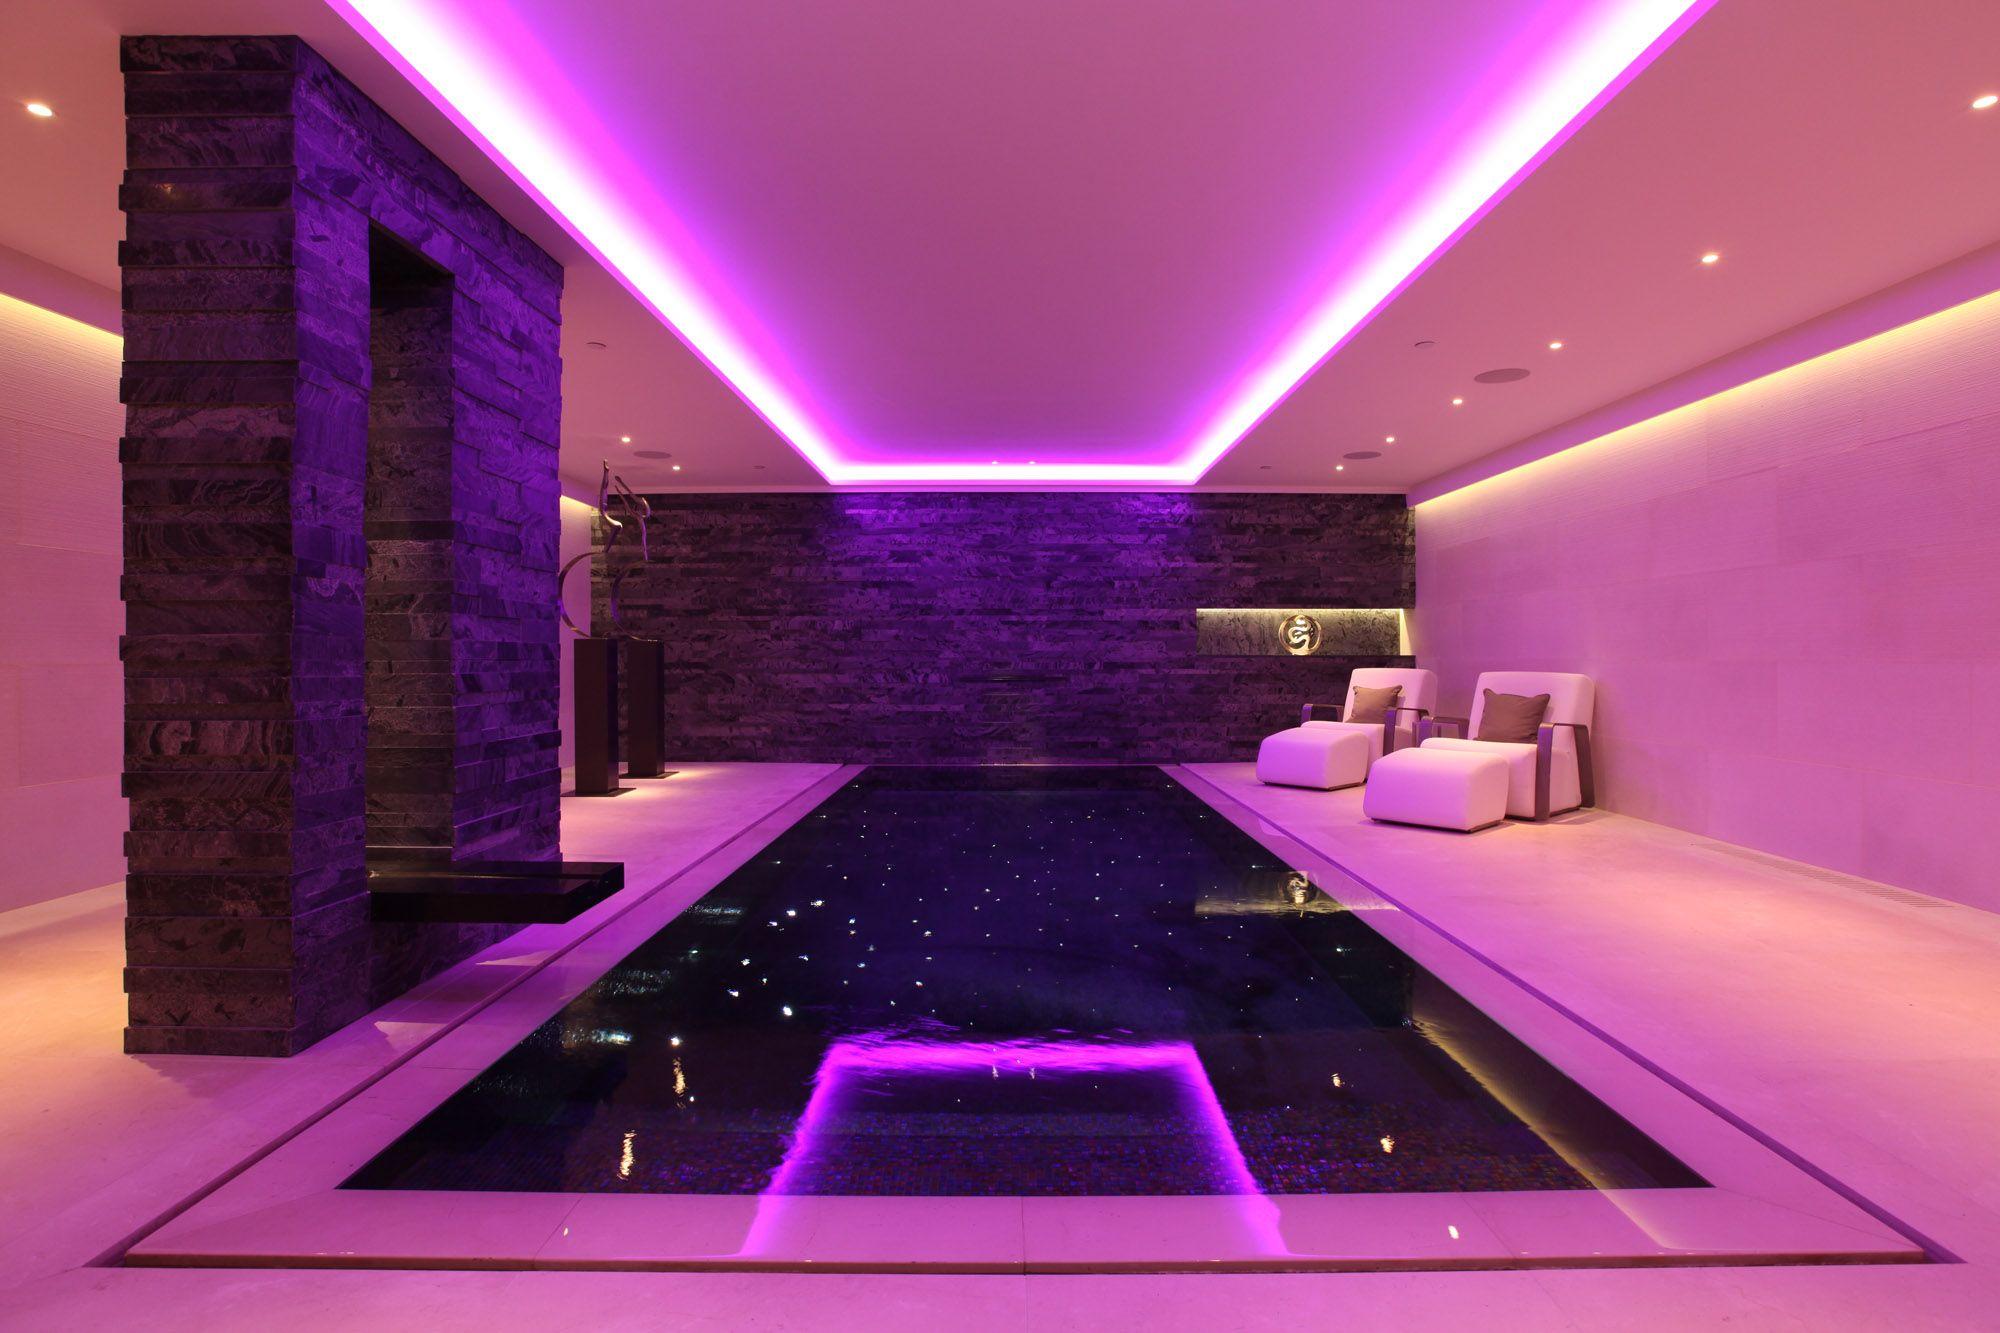 Pool Lighting 3 Led Lighting Bedroom Dream Home Design Cove Lighting